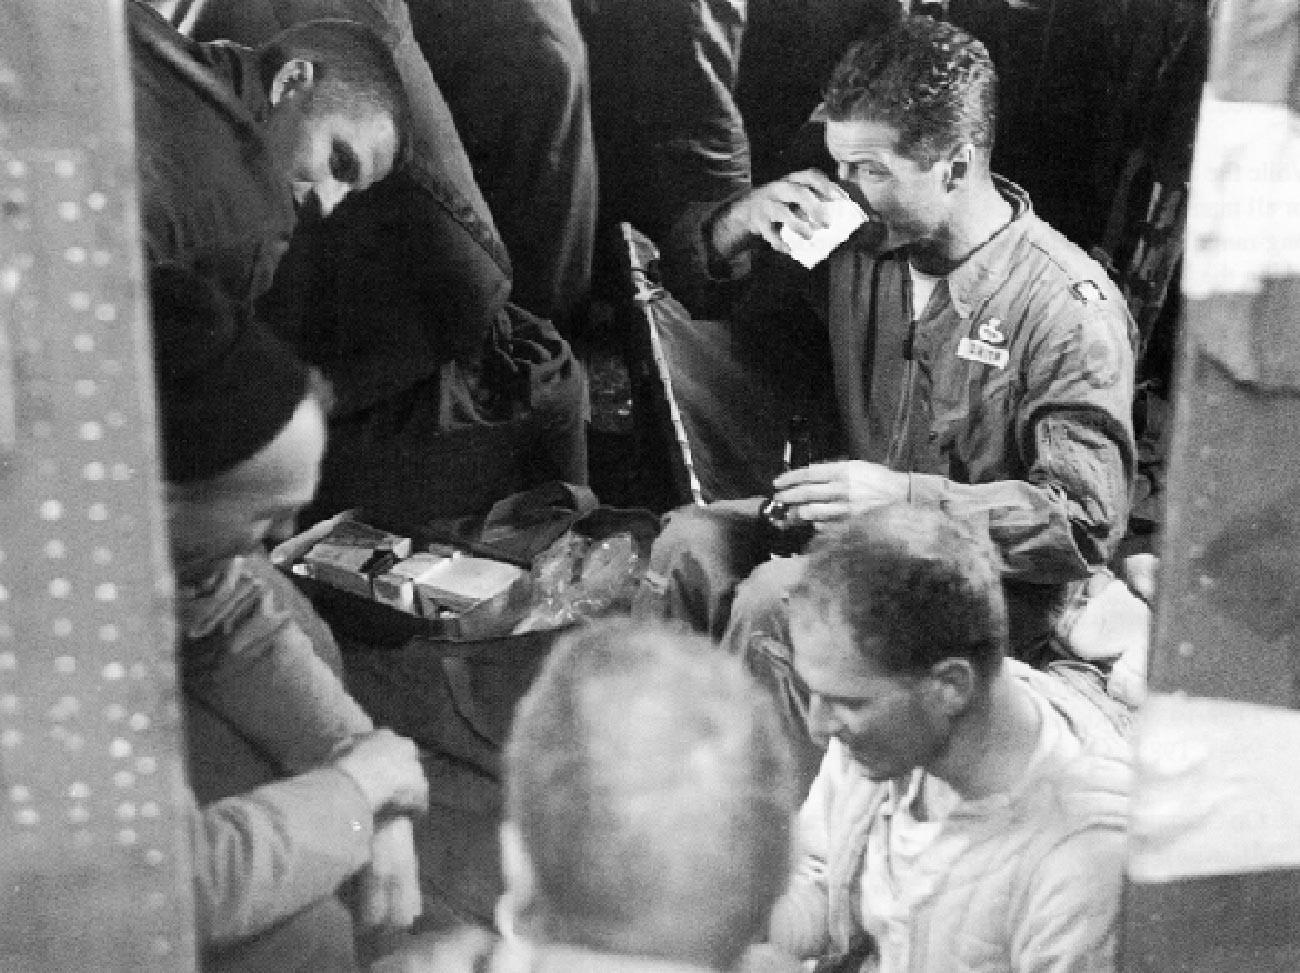 作戦の参加者スミス少佐(ジョッキを持つ)とレシャック中尉(左下)